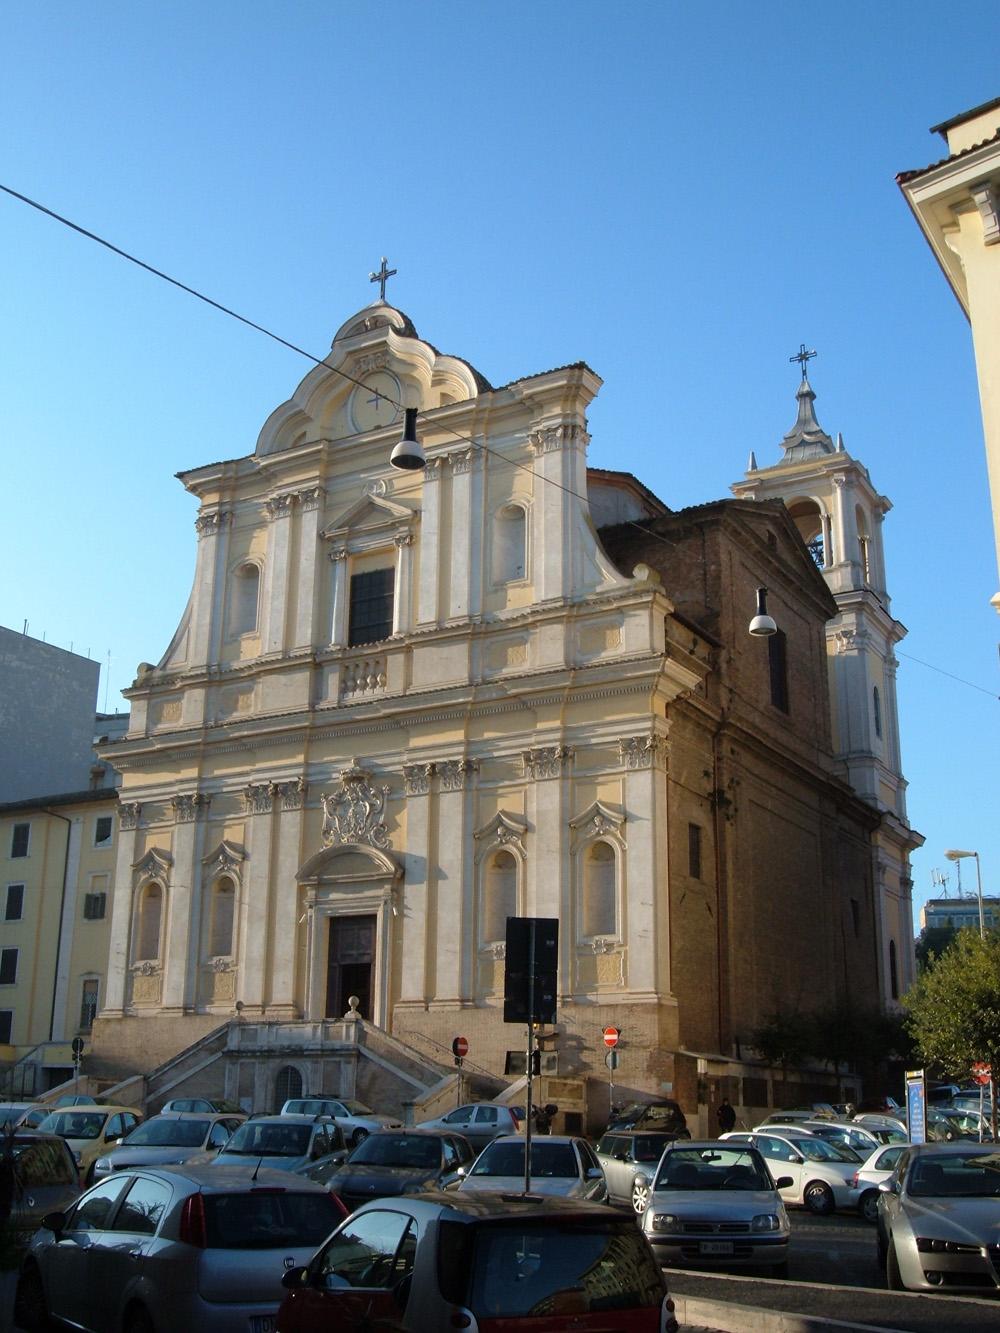 Chiesa di santa maria delle grazie alle fornaci wikipedia for Affitto roma porta di roma